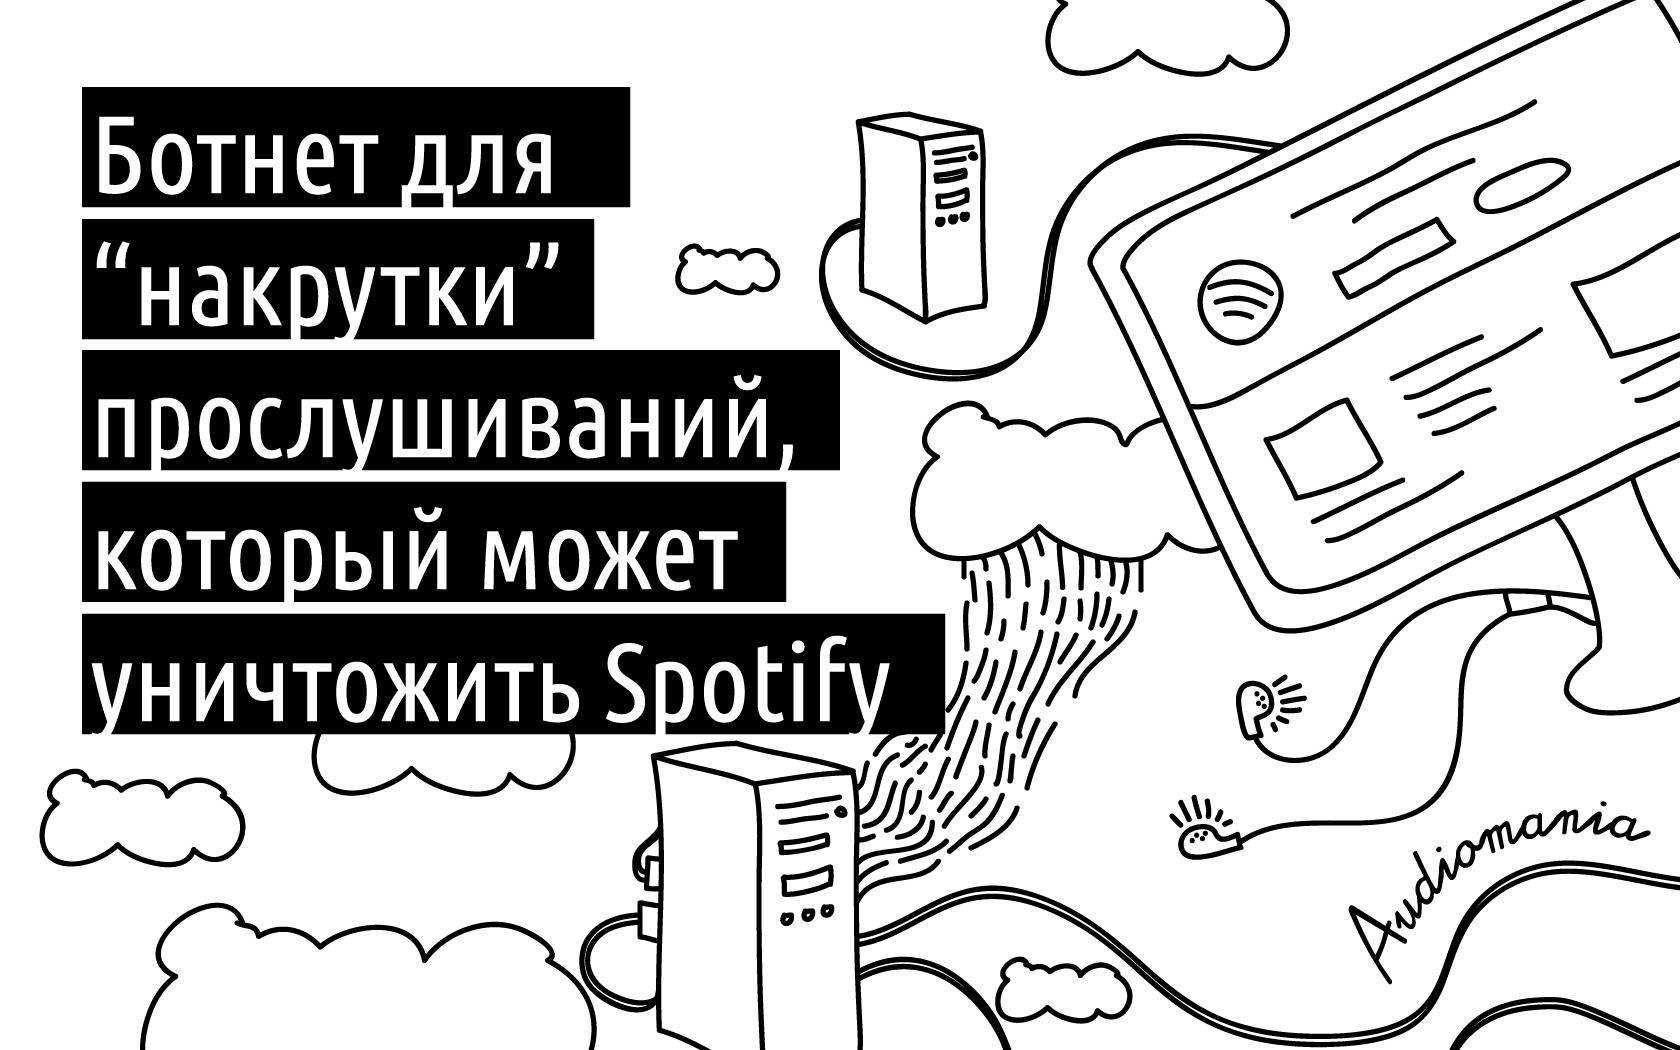 Ботнет для «накрутки» прослушиваний на Spotify: Зачем он нужен - 1